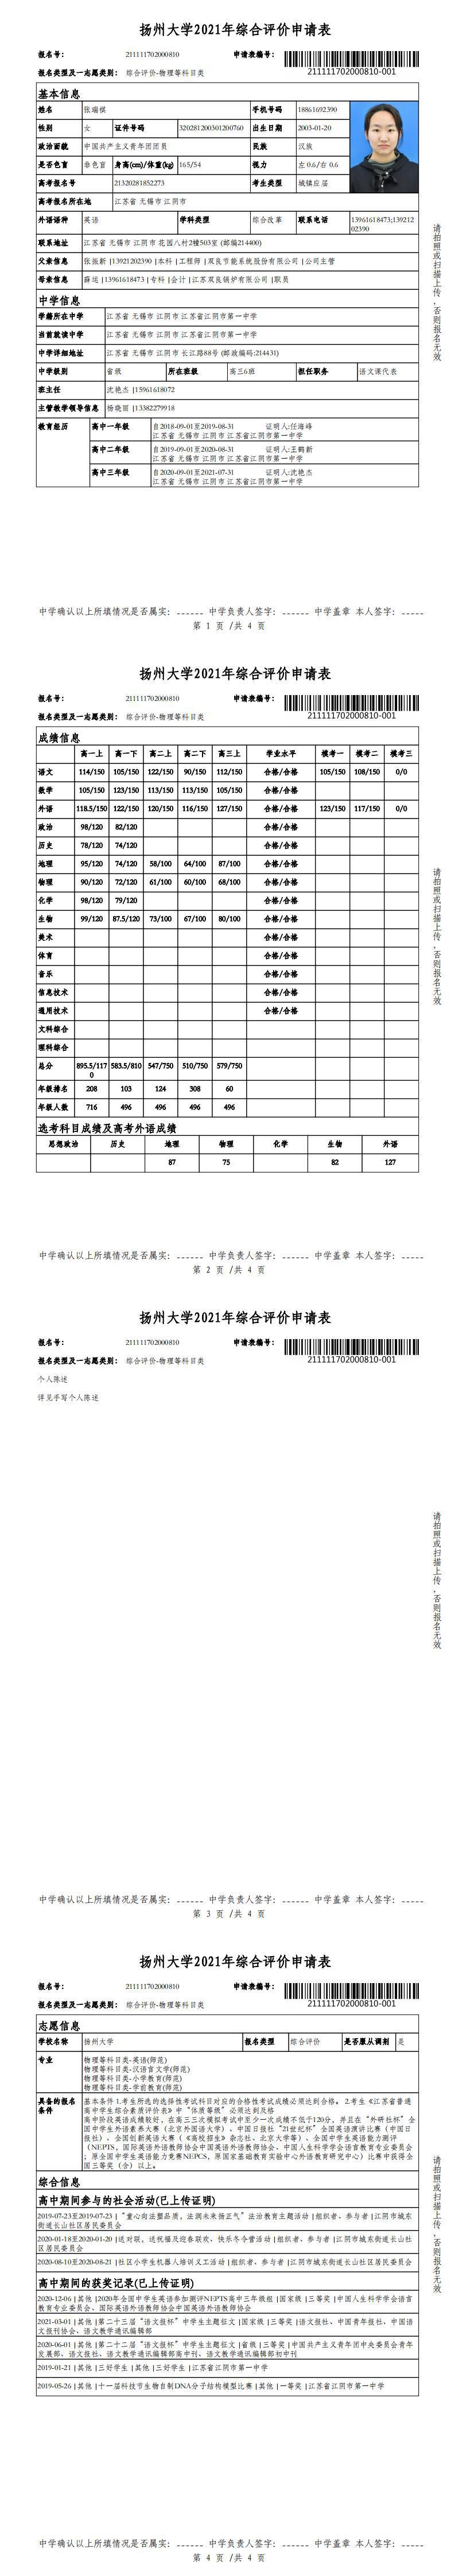 扬州大学2021年综合评价申请表_0.jpg